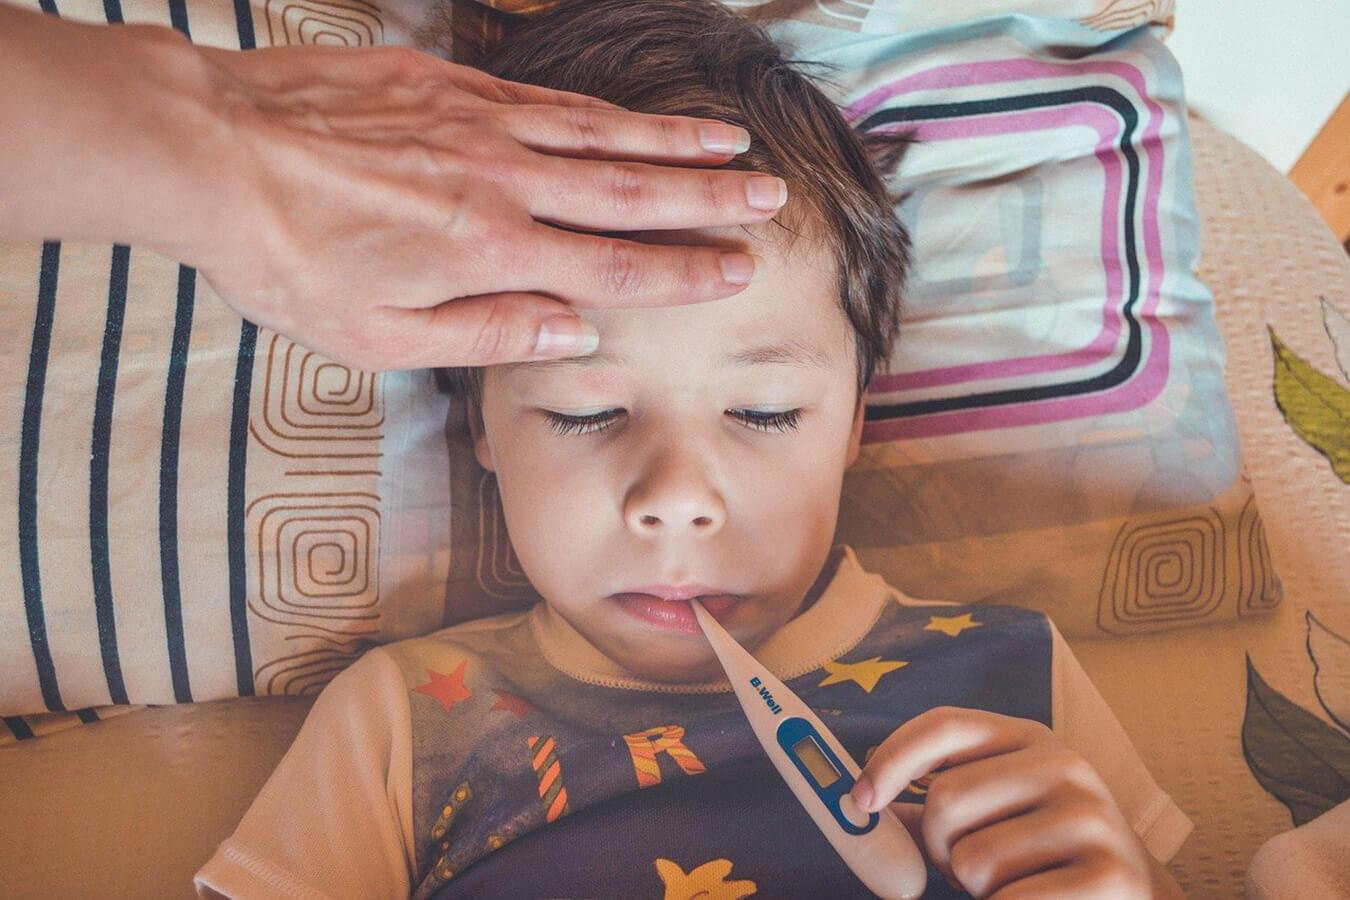 Domowe i farmakologiczne sposoby na obniżenie gorączki u dziecka